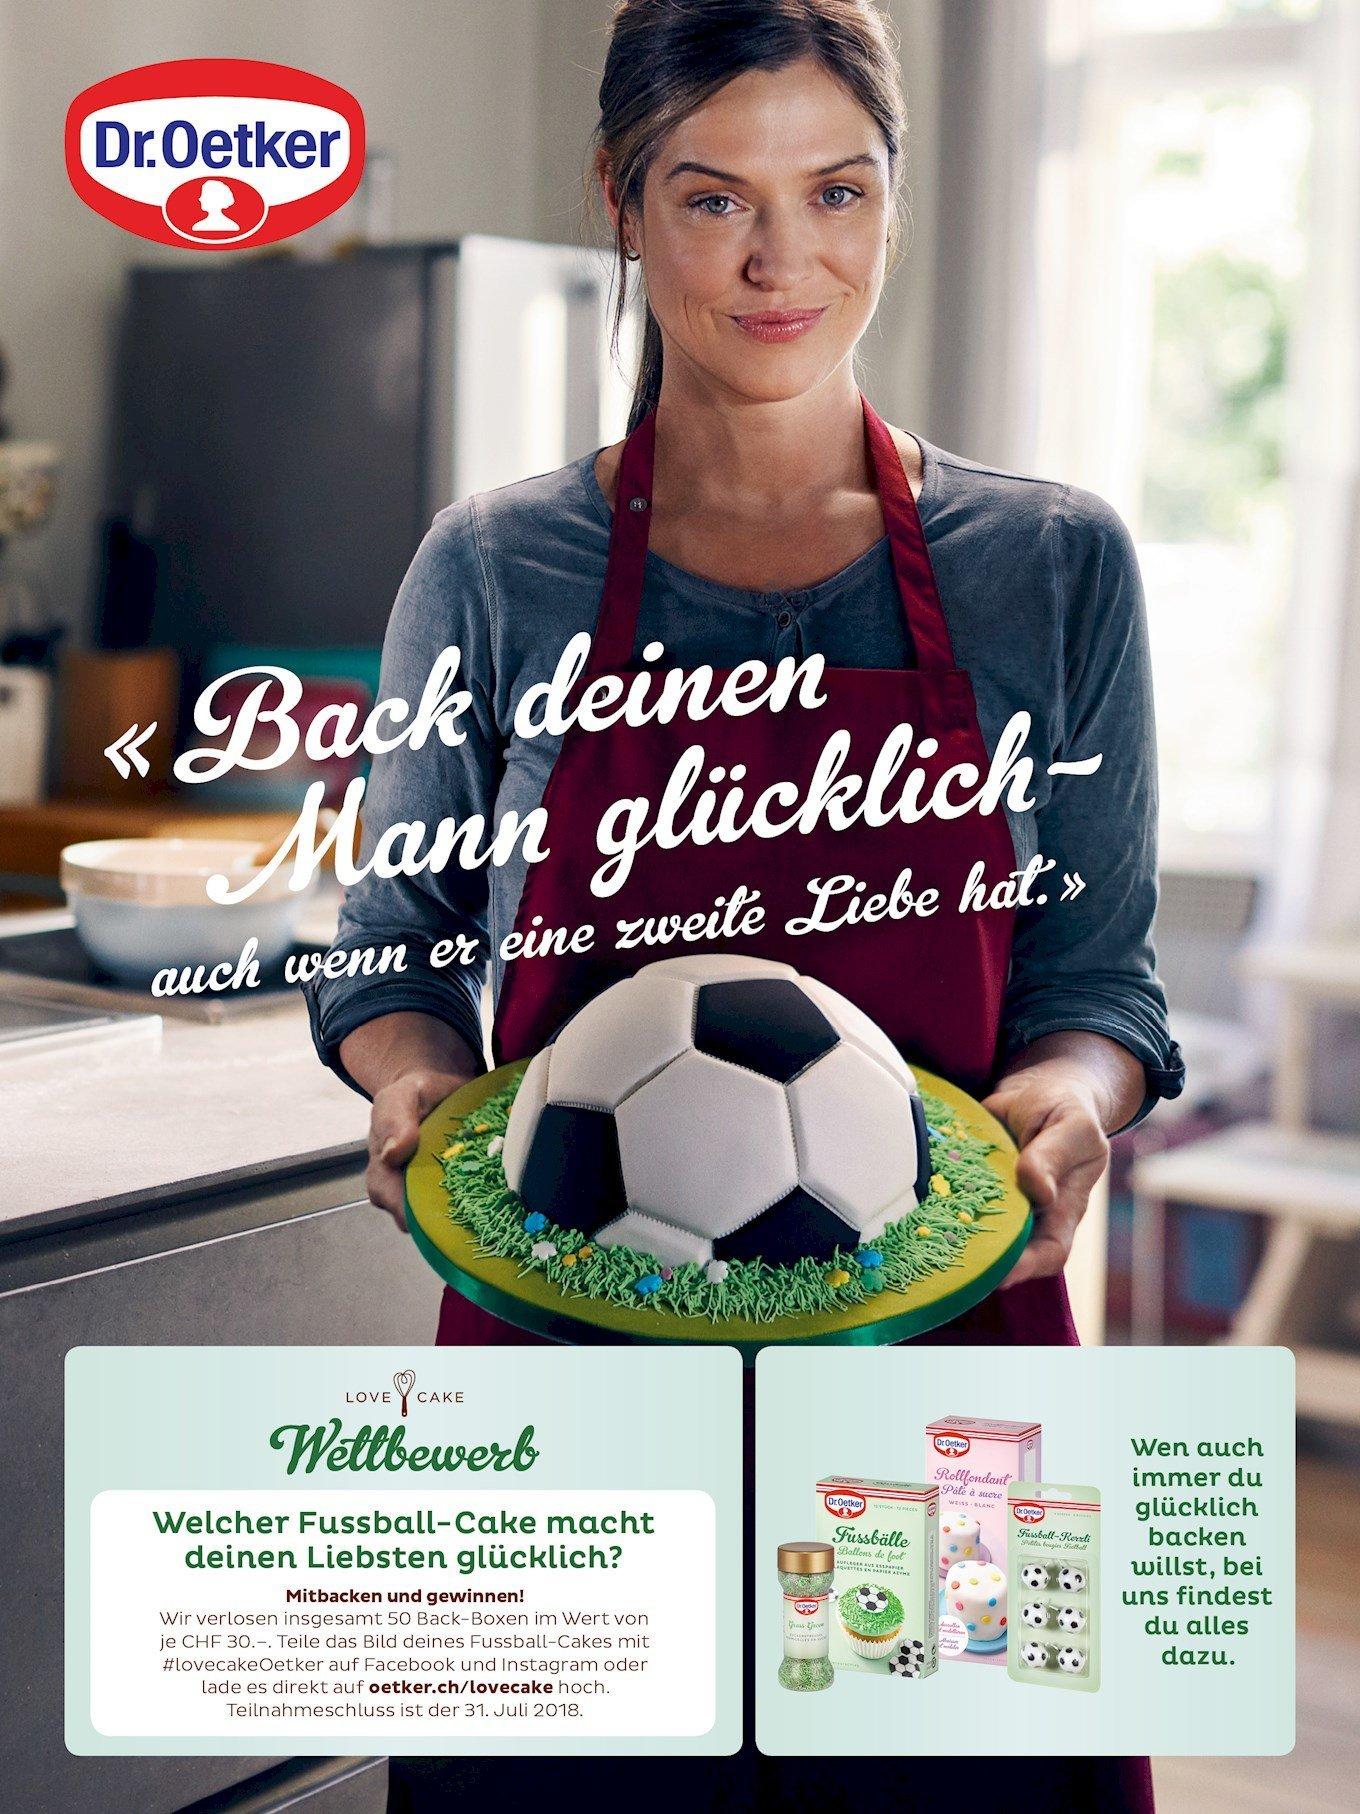 Die neue Dr.-Oetker-Werbung zeigt, wie rückständig unser Frauenbild